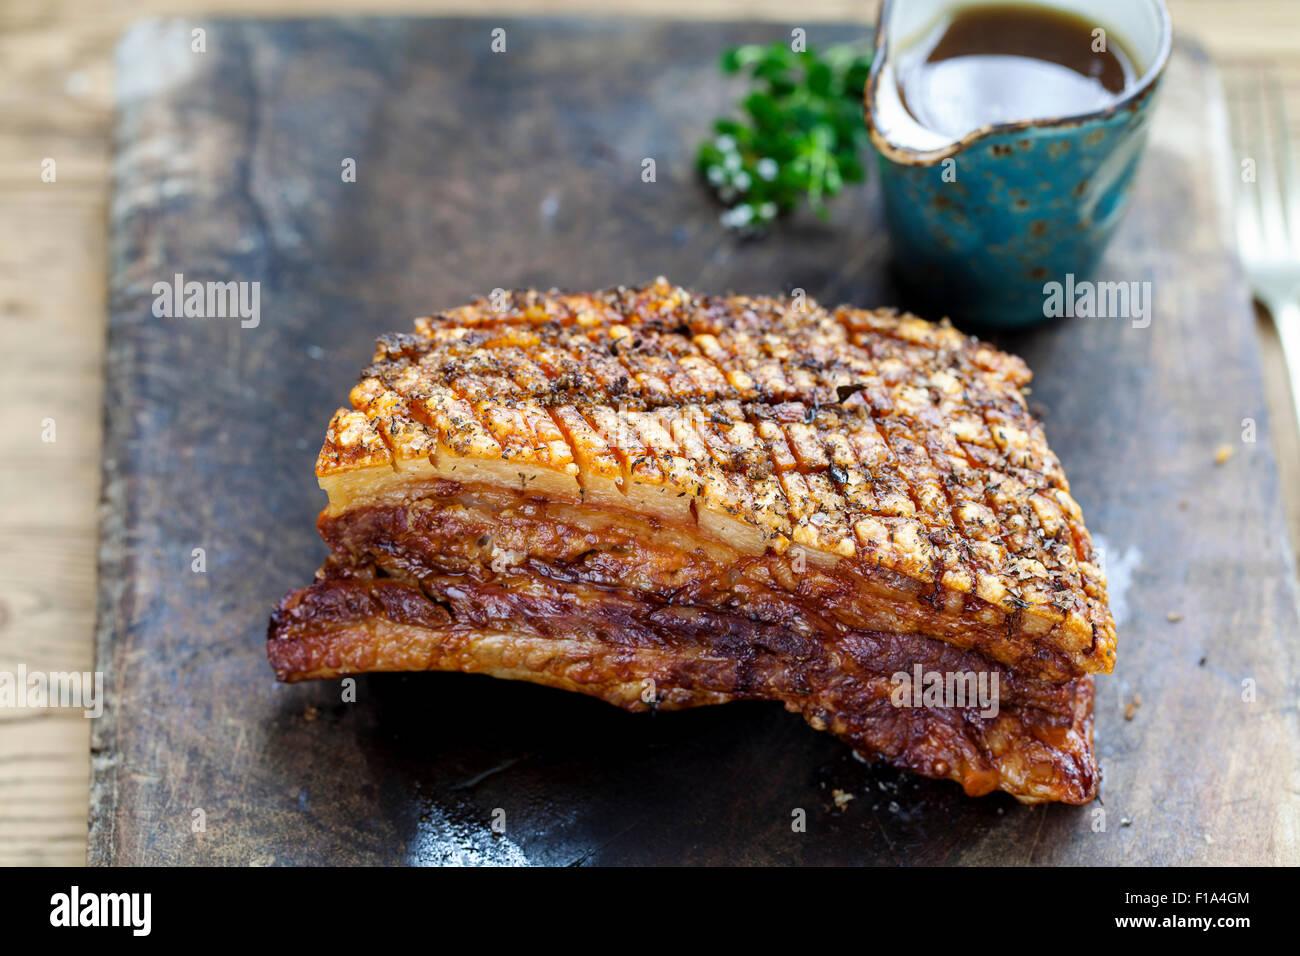 Flan de porc croustillant avec grésillement Photo Stock